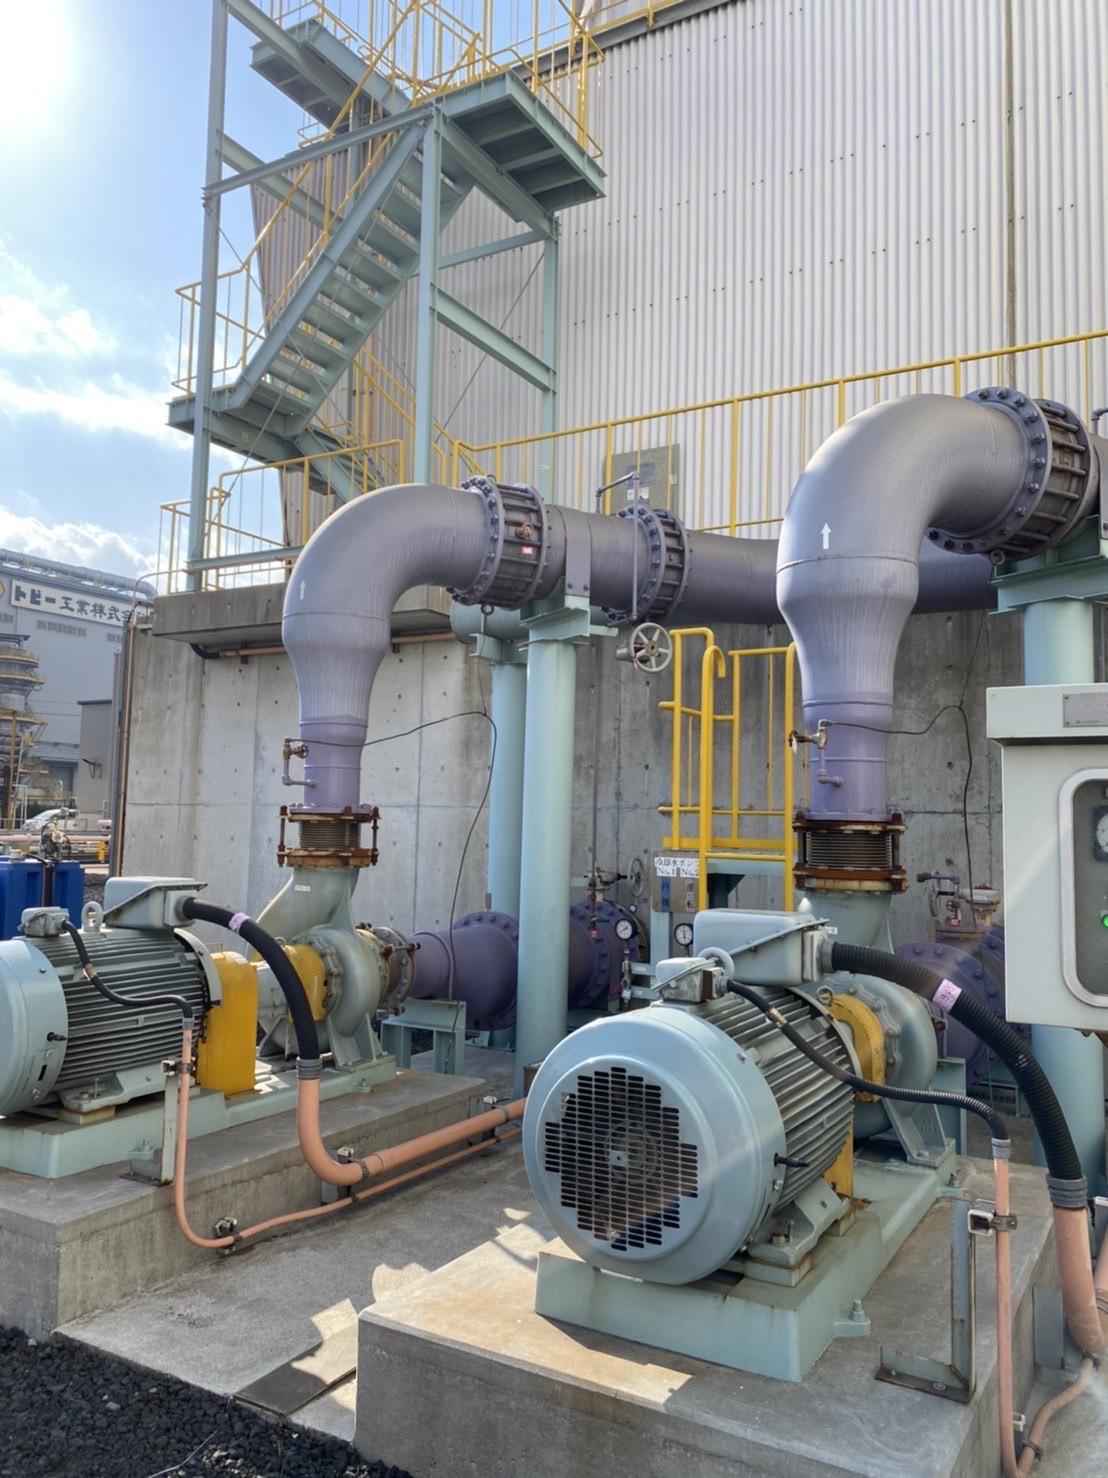 豊橋市某所 クーリングタワー冷却水ポンプ2台分解整備